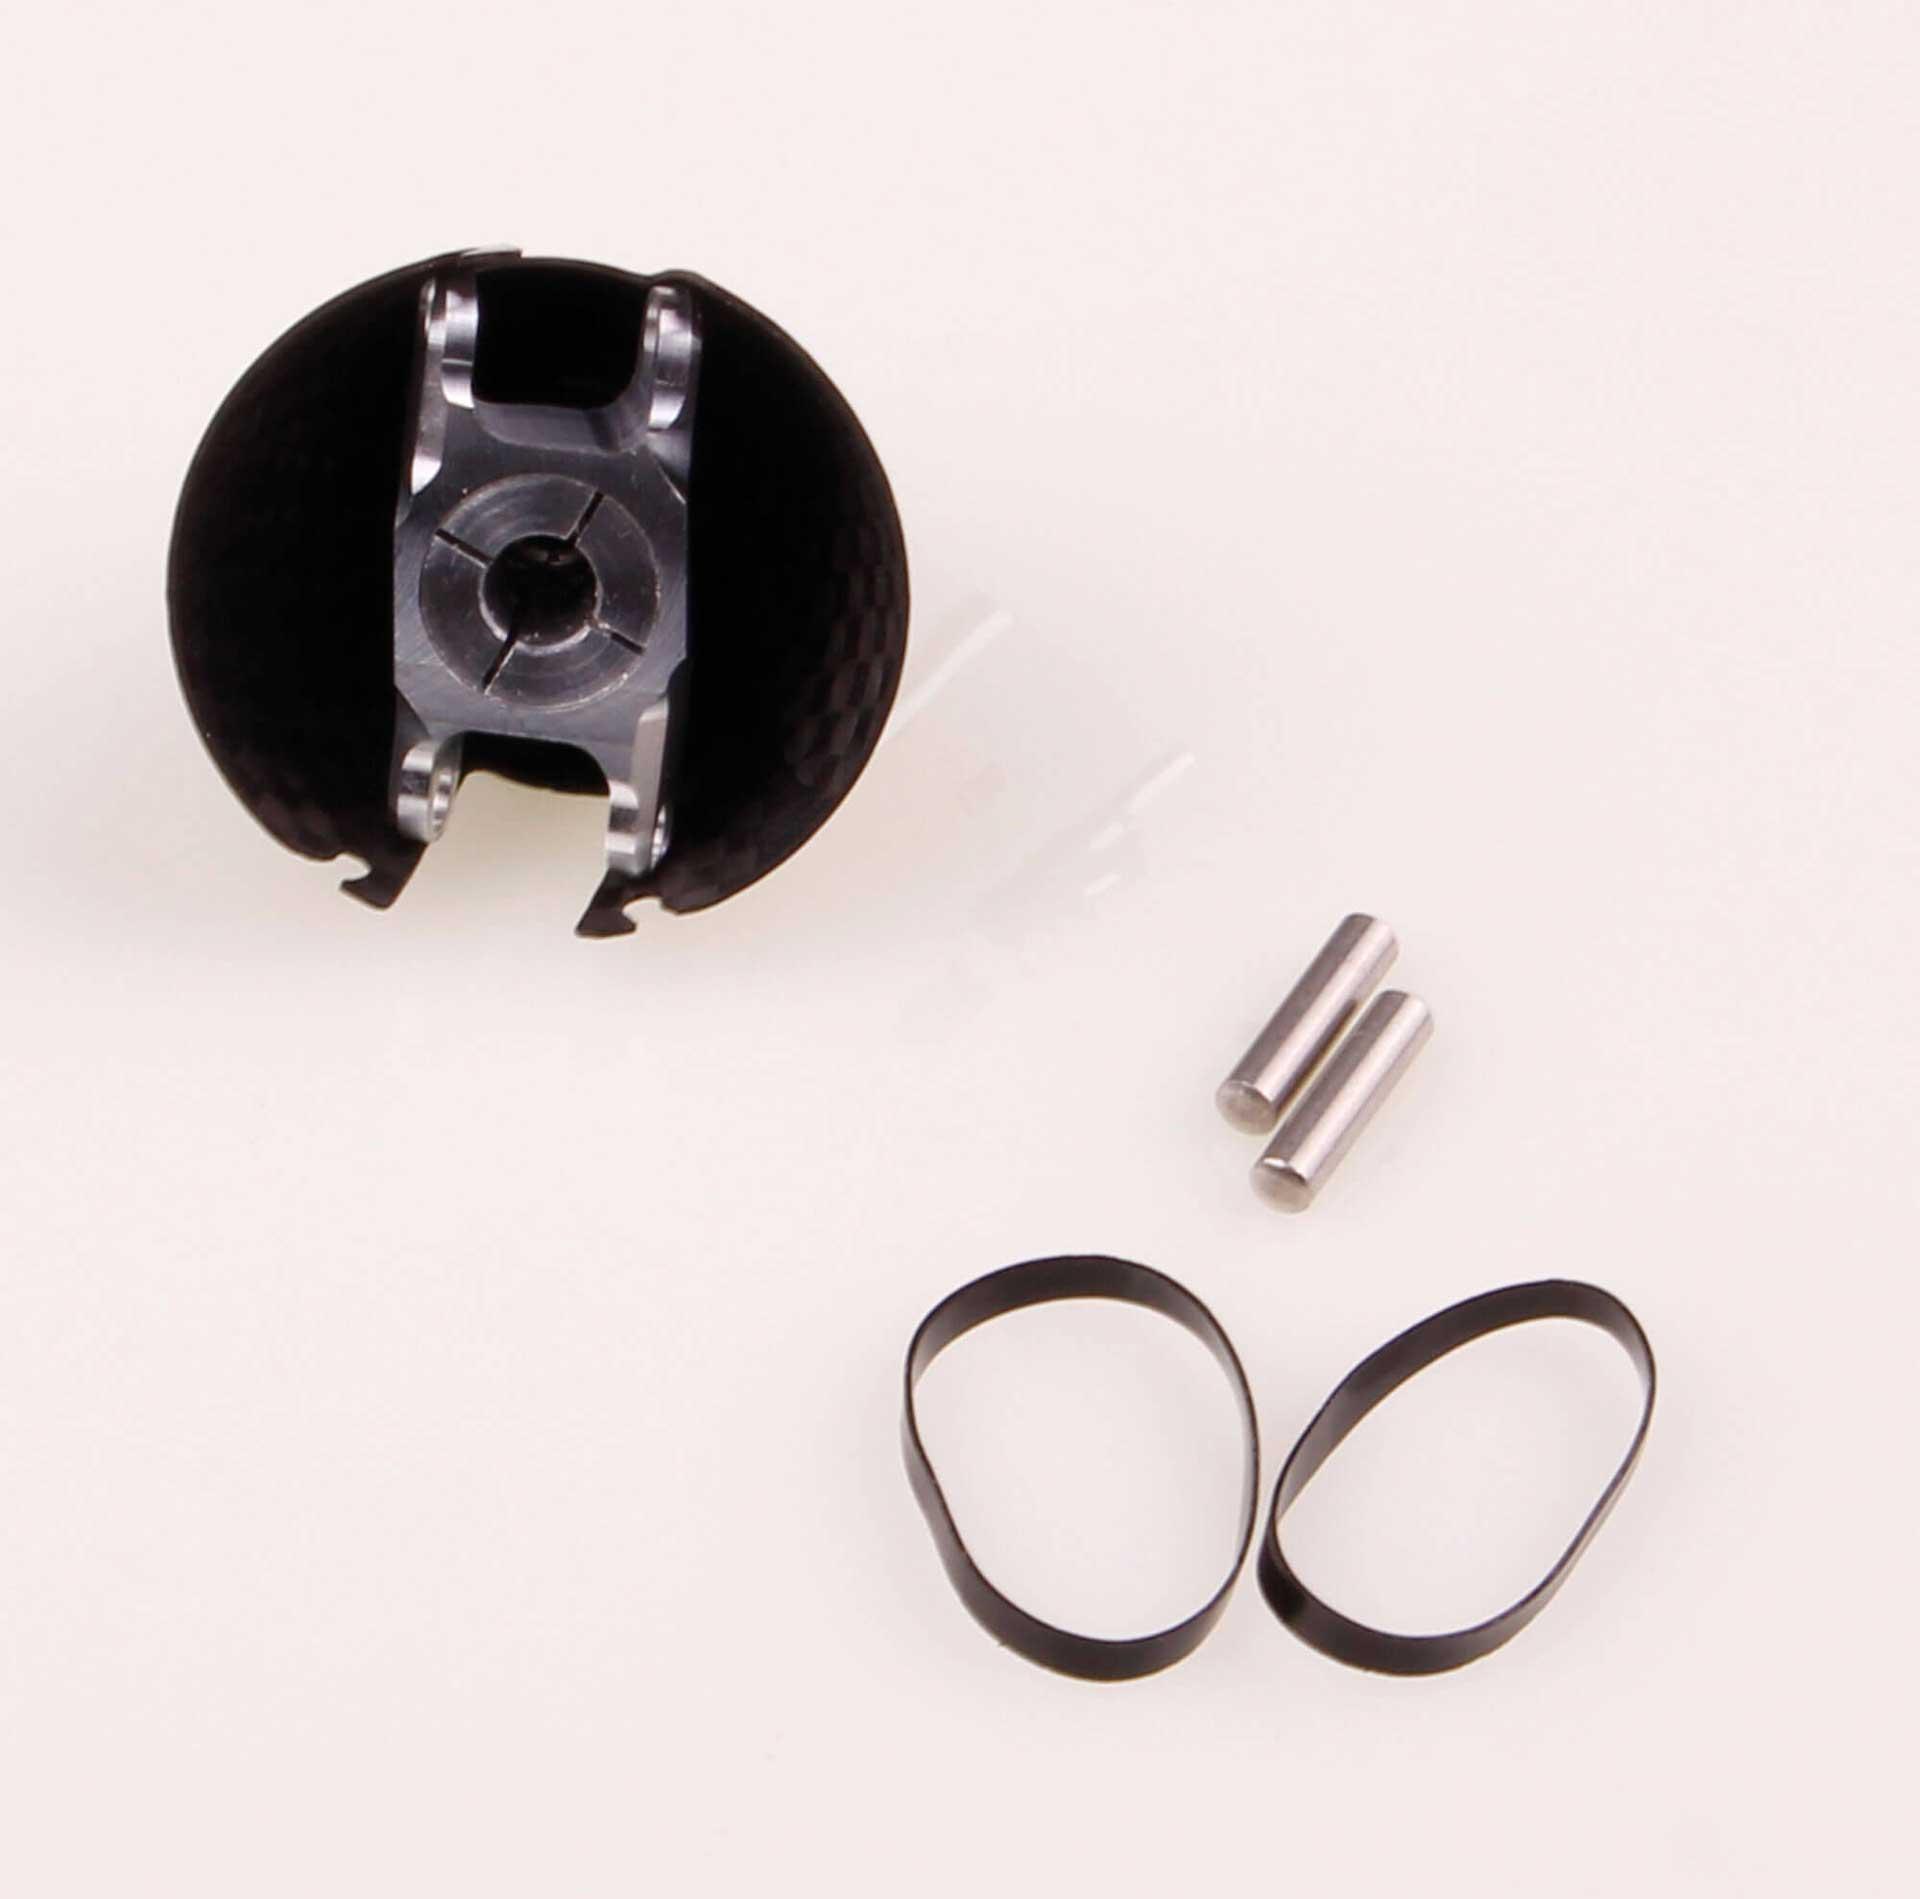 GM Propellers Spinner F5J ø 32mm Diameter, motor shaft ø 5mm Competition Carbon black